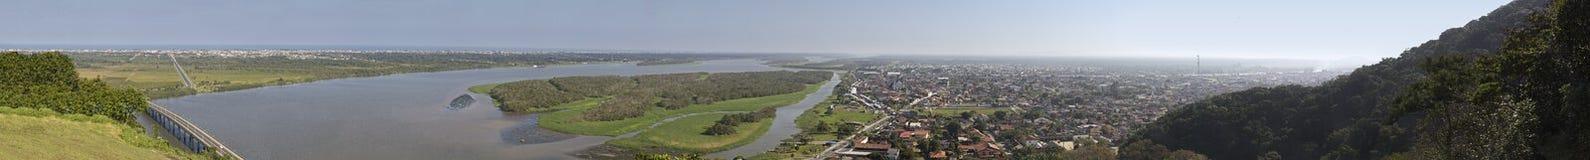 Iguape - vista panorâmica fotos de stock